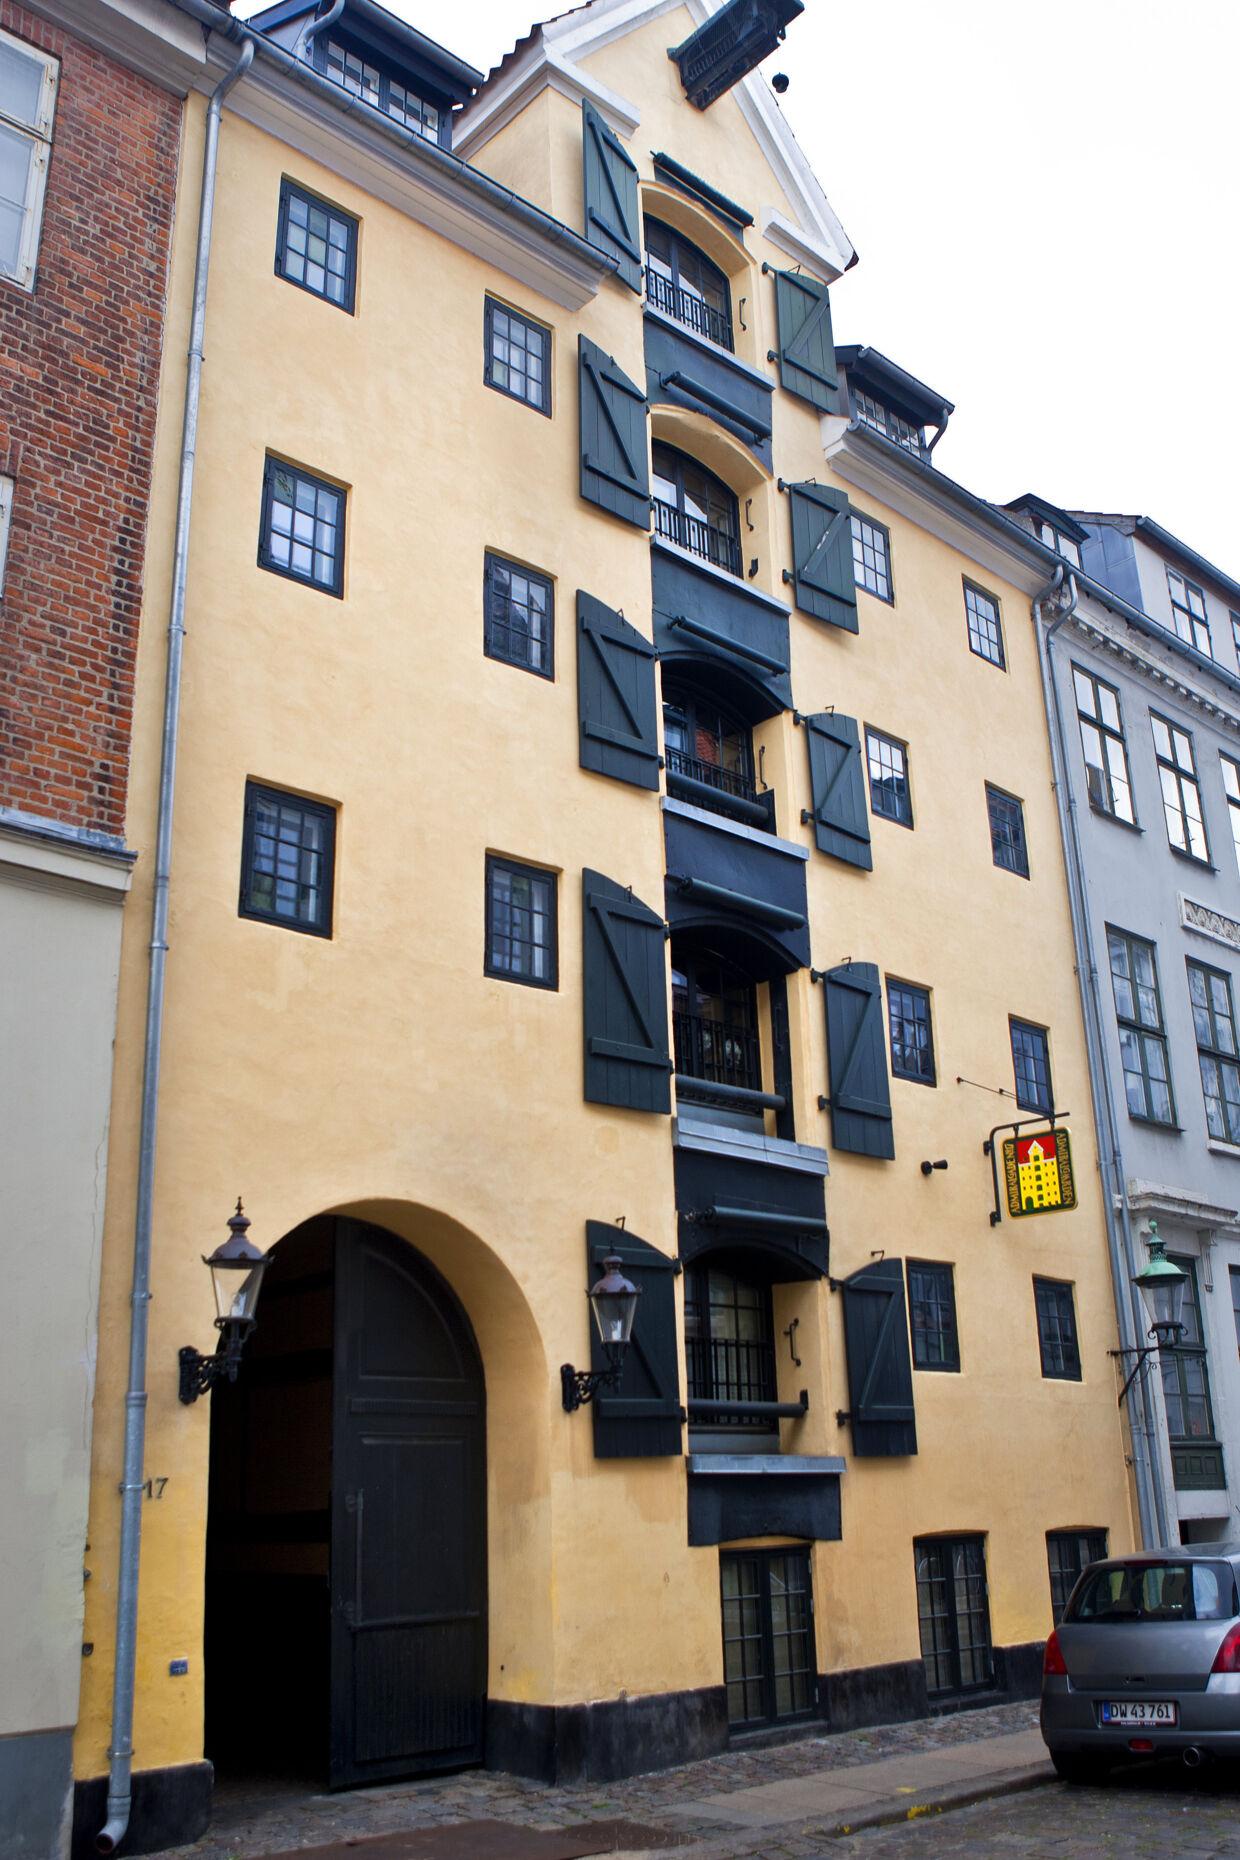 KLIK FOR AT FORSTØRRE: Bent Fabricius ejendomme tæller også denne smukke bygning på Admiralgade 17, der ligger få gader fra Strøget og Christiansborg. Foto: Bjarke Bo Olsen.